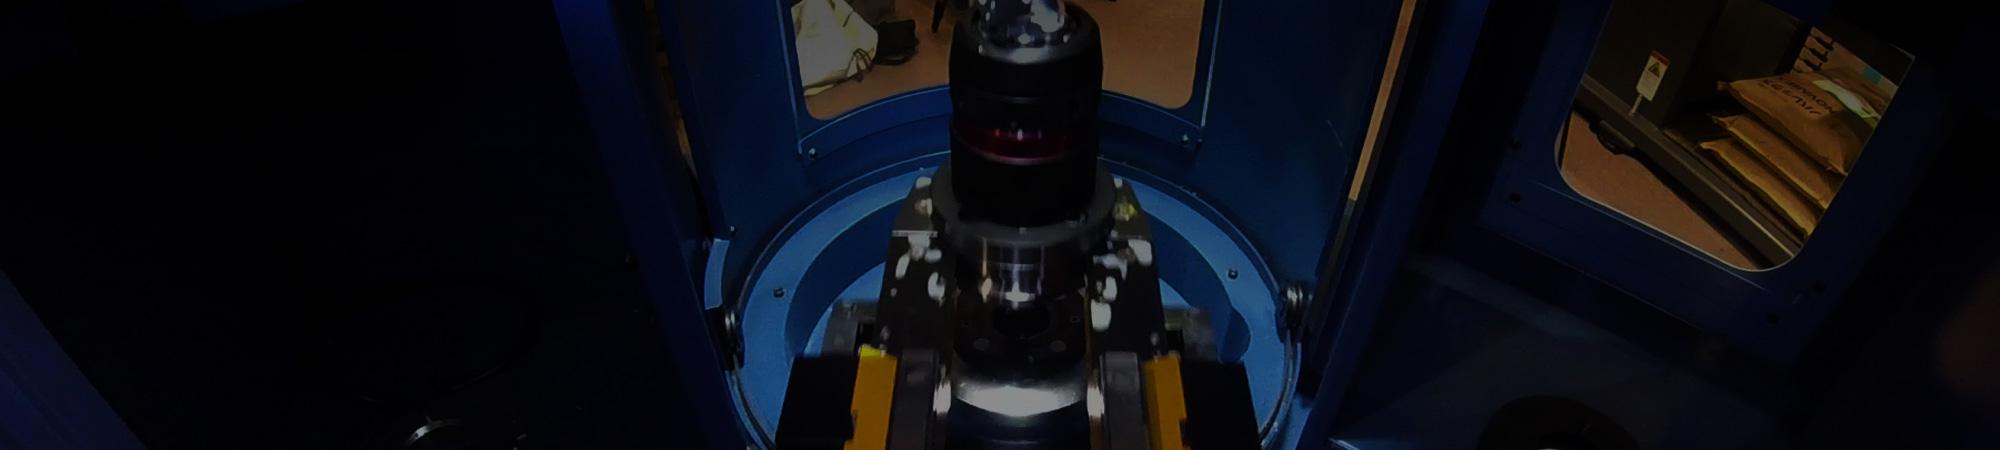 MAM72 Series